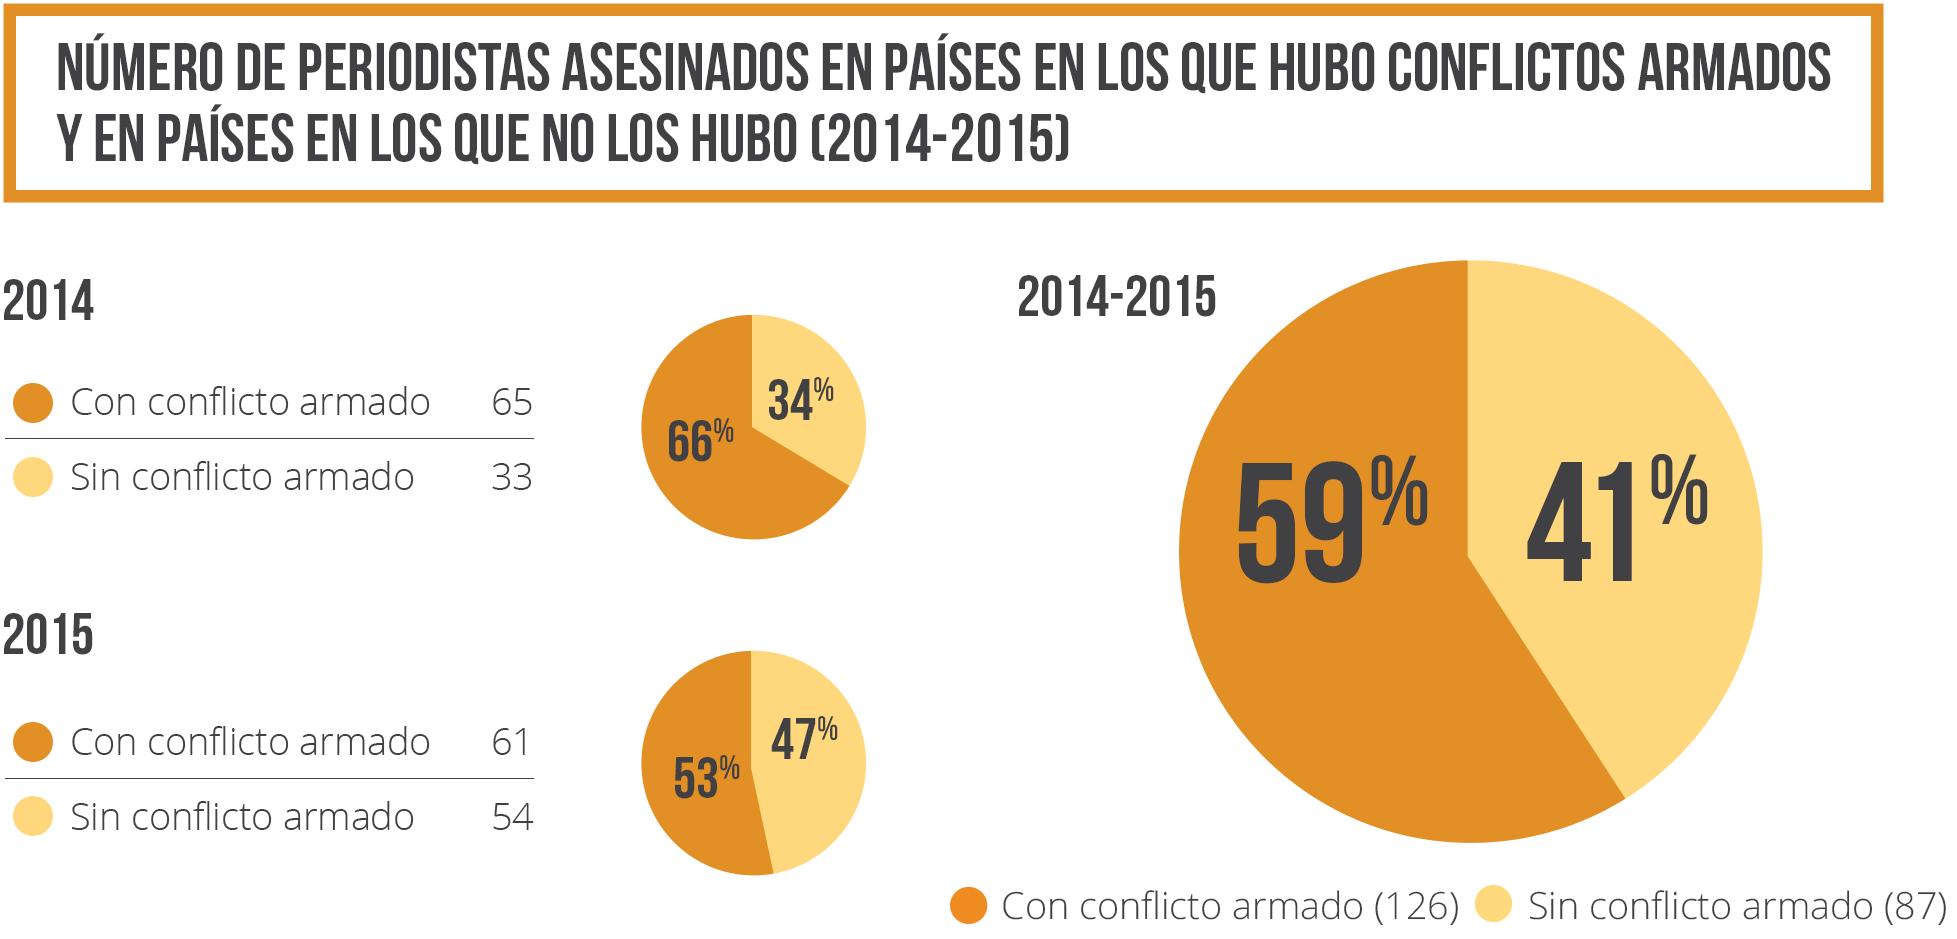 Número de periodistas asesinados en países en los que hubo conflictos armados y en países en los que no los hubo 2014-2015